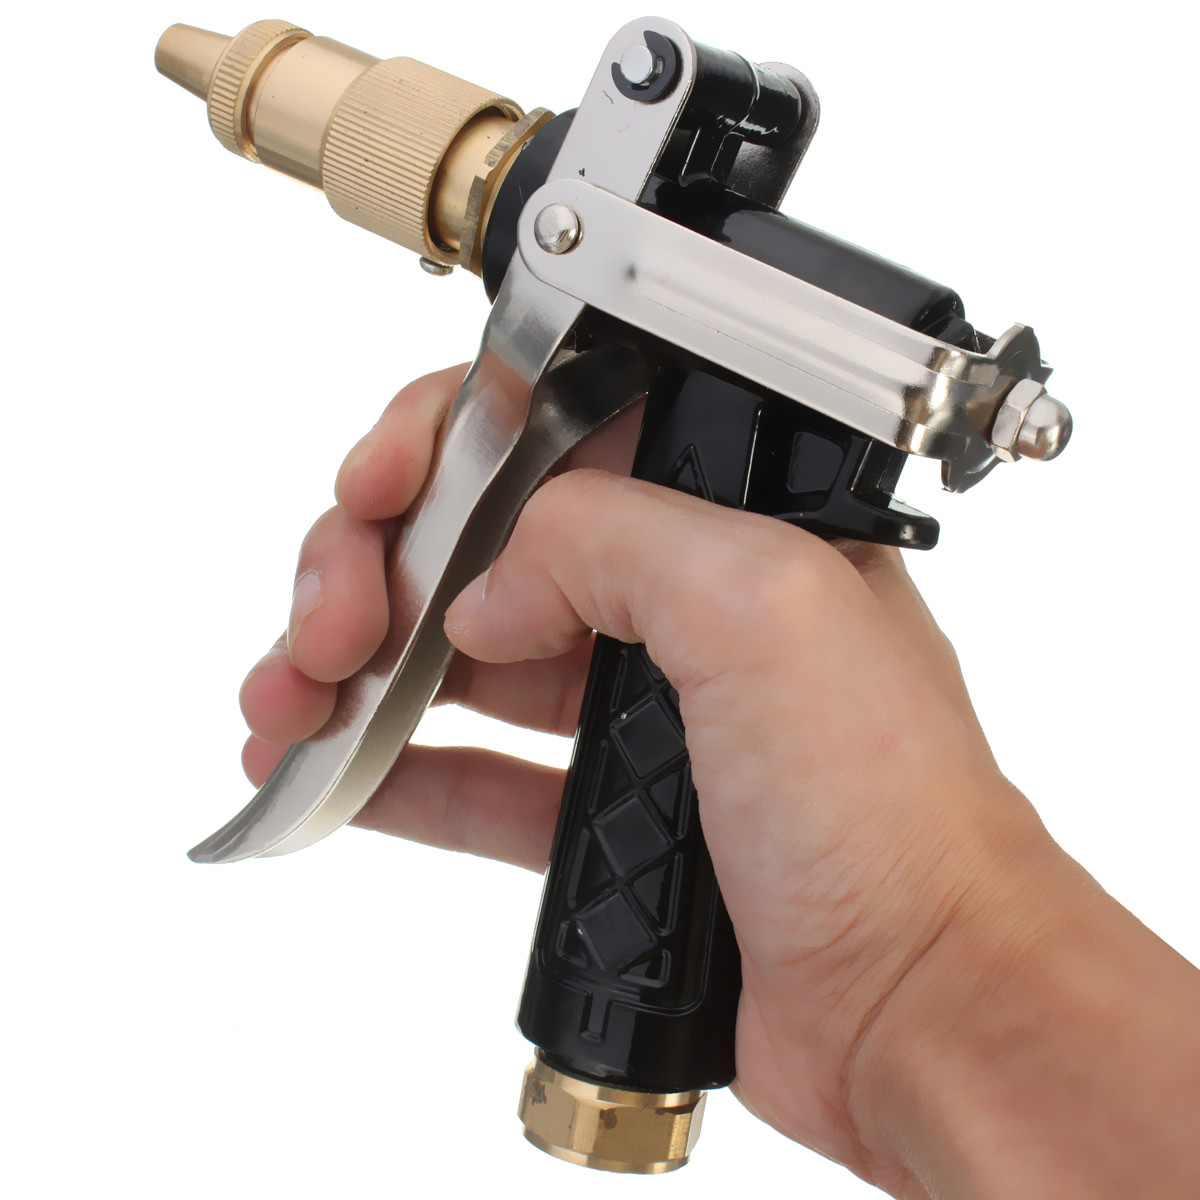 Grtsunsea High Pressure Squirt Gun Garden Auto Car Cleaning Washing Screw Type Sprayer